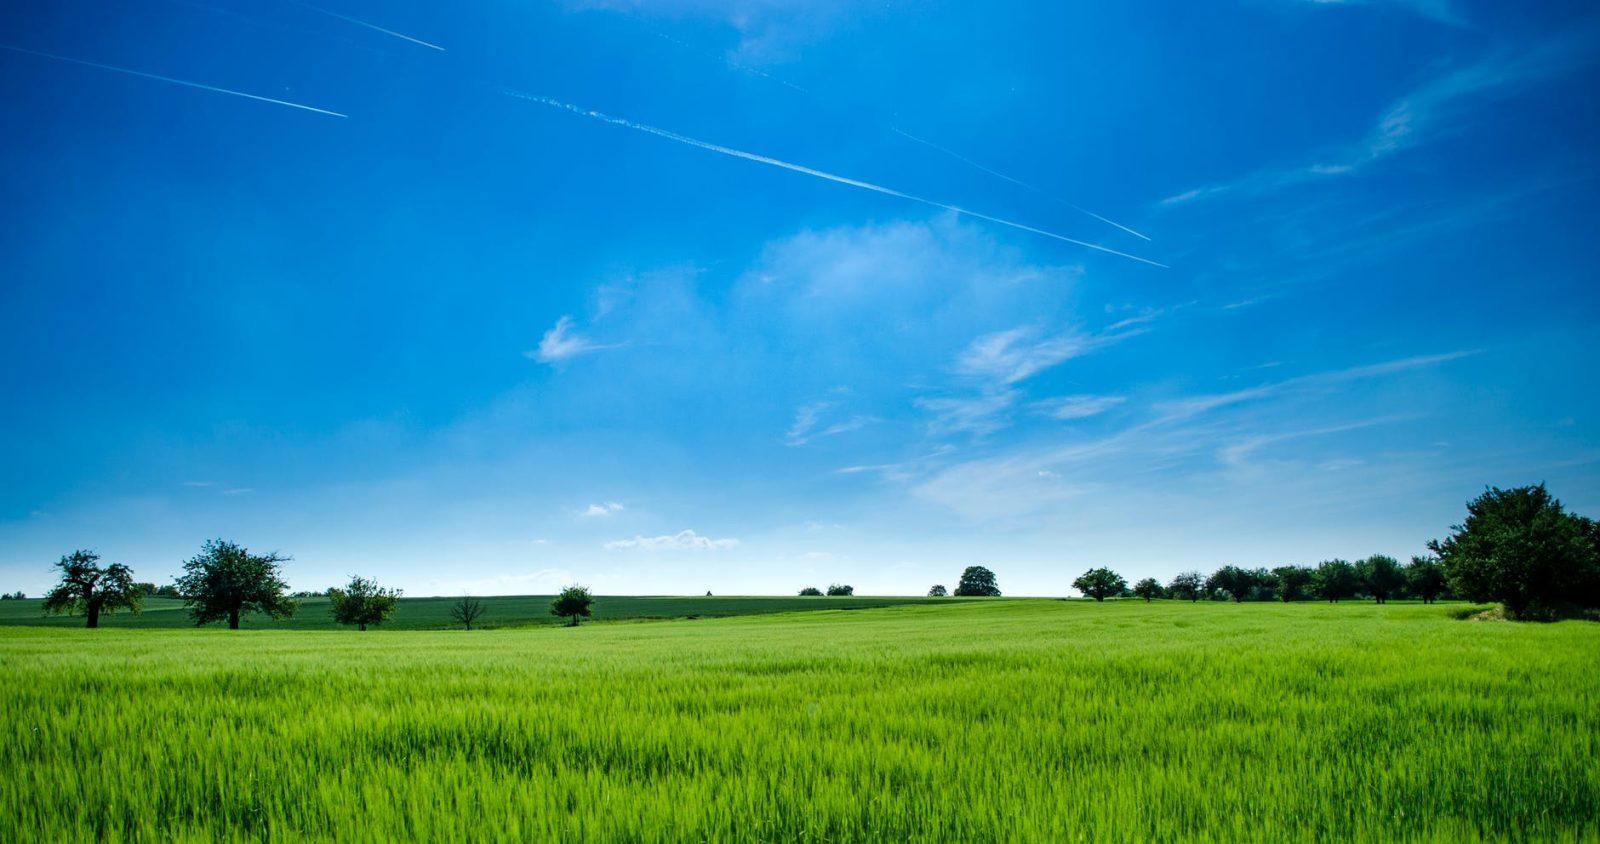 איך לקנות קרקע להשקעה בארצות הברית בפחות מ 250 דולר